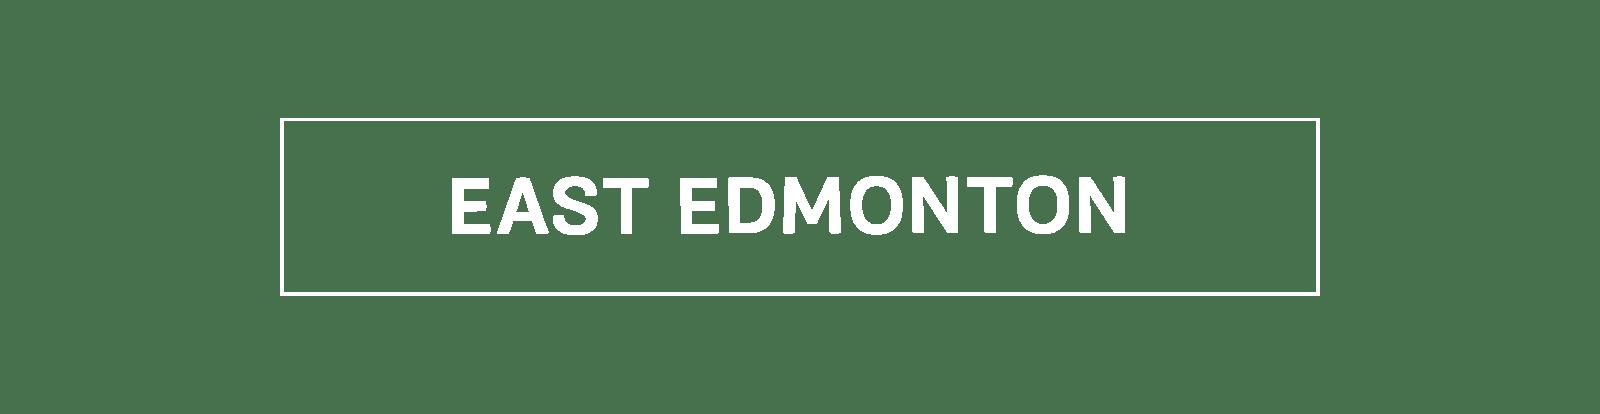 EAST EDMONTON